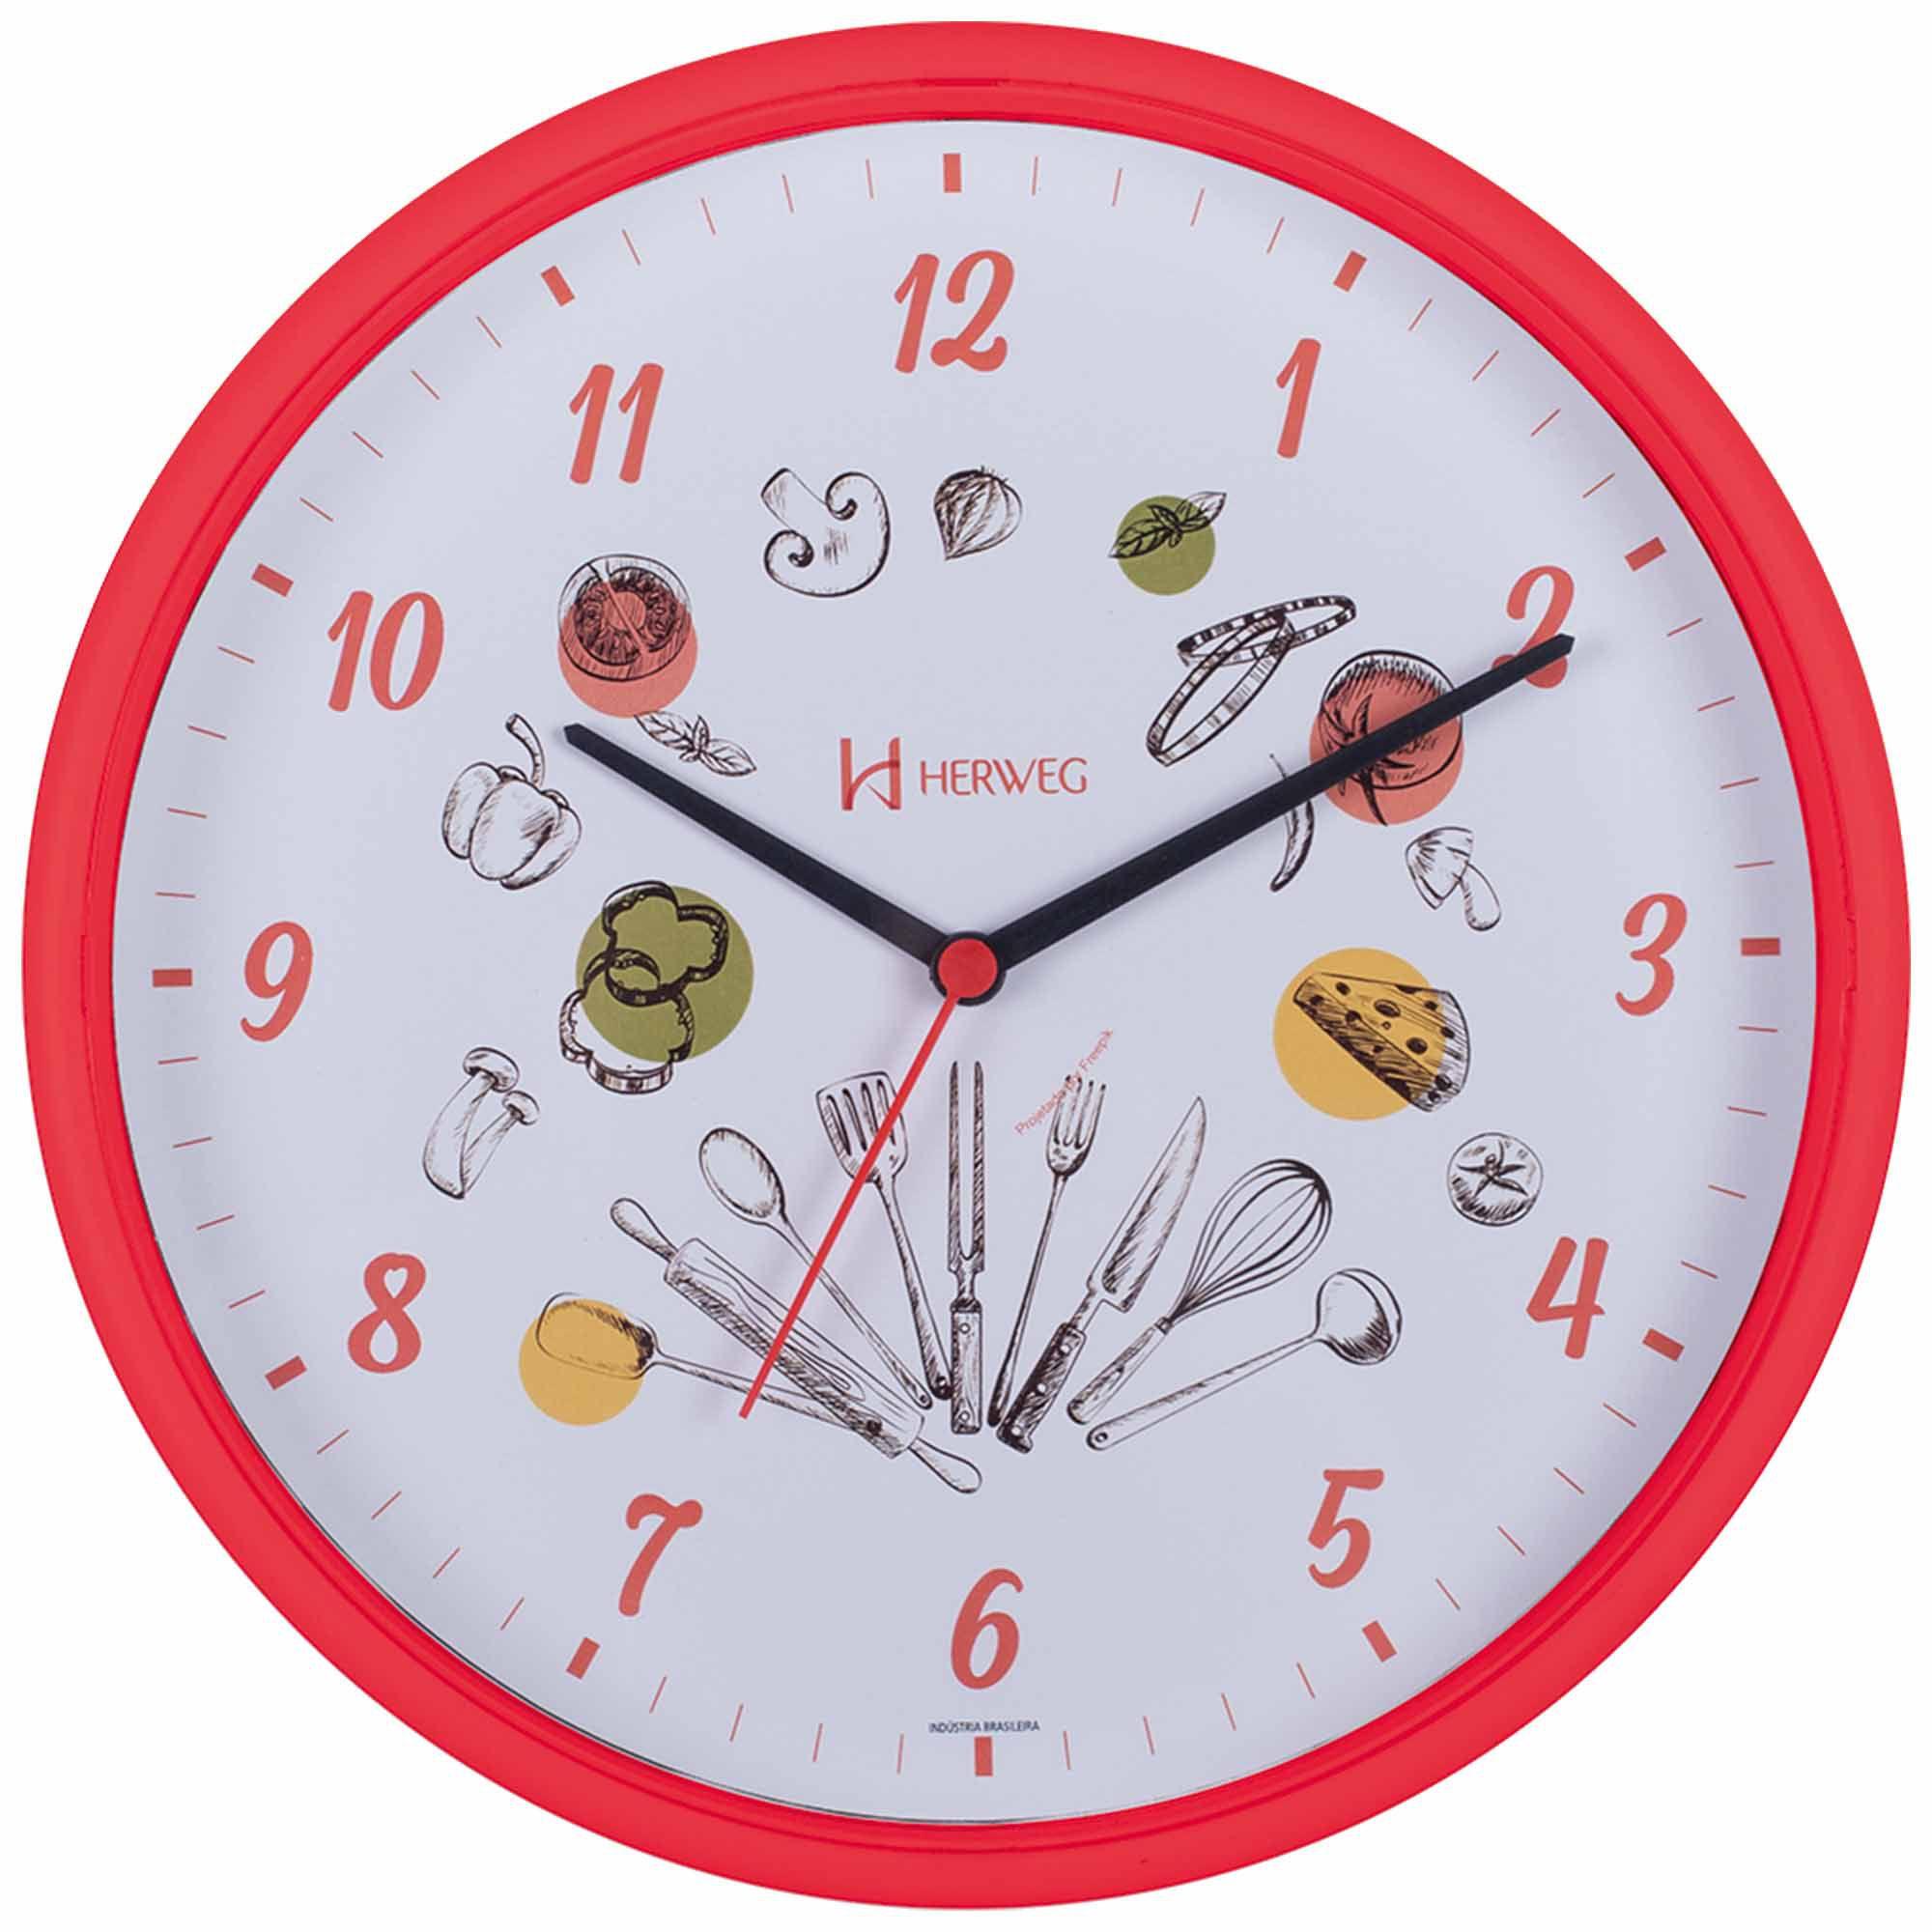 Relógio de Parede Analógico Herweg 660032 269 Vermelho Pantone